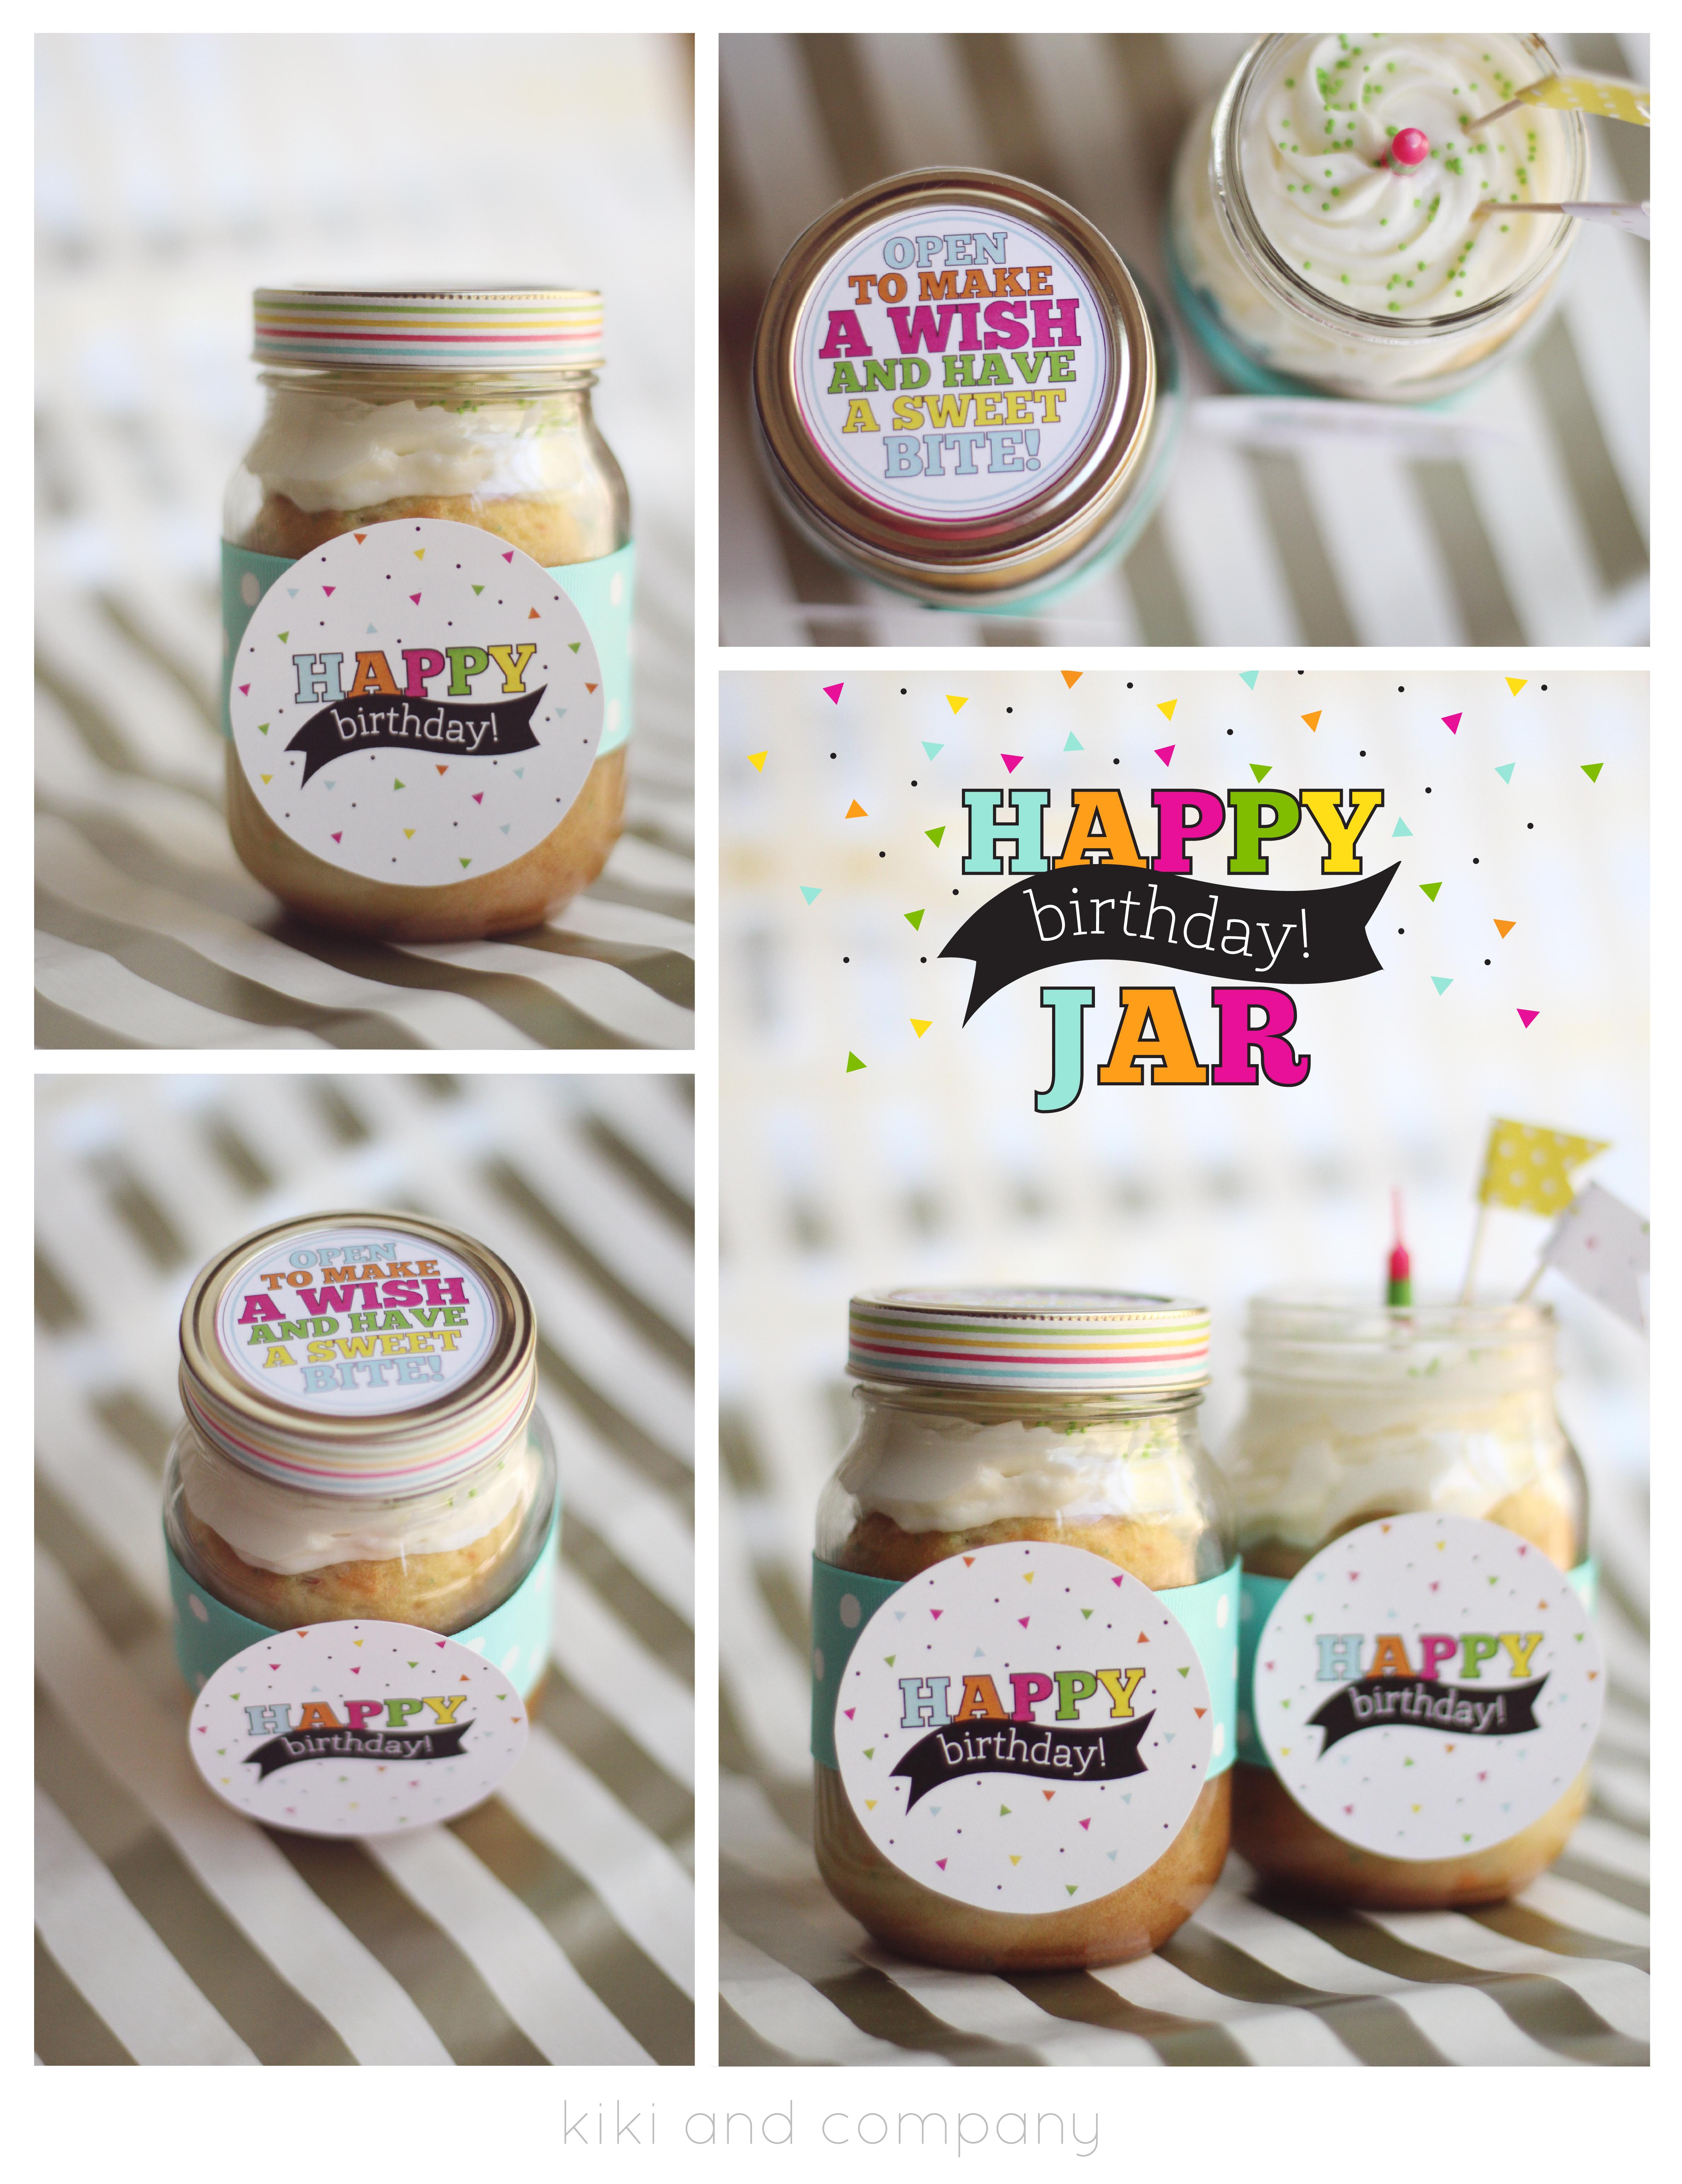 Happy Birthday Jar